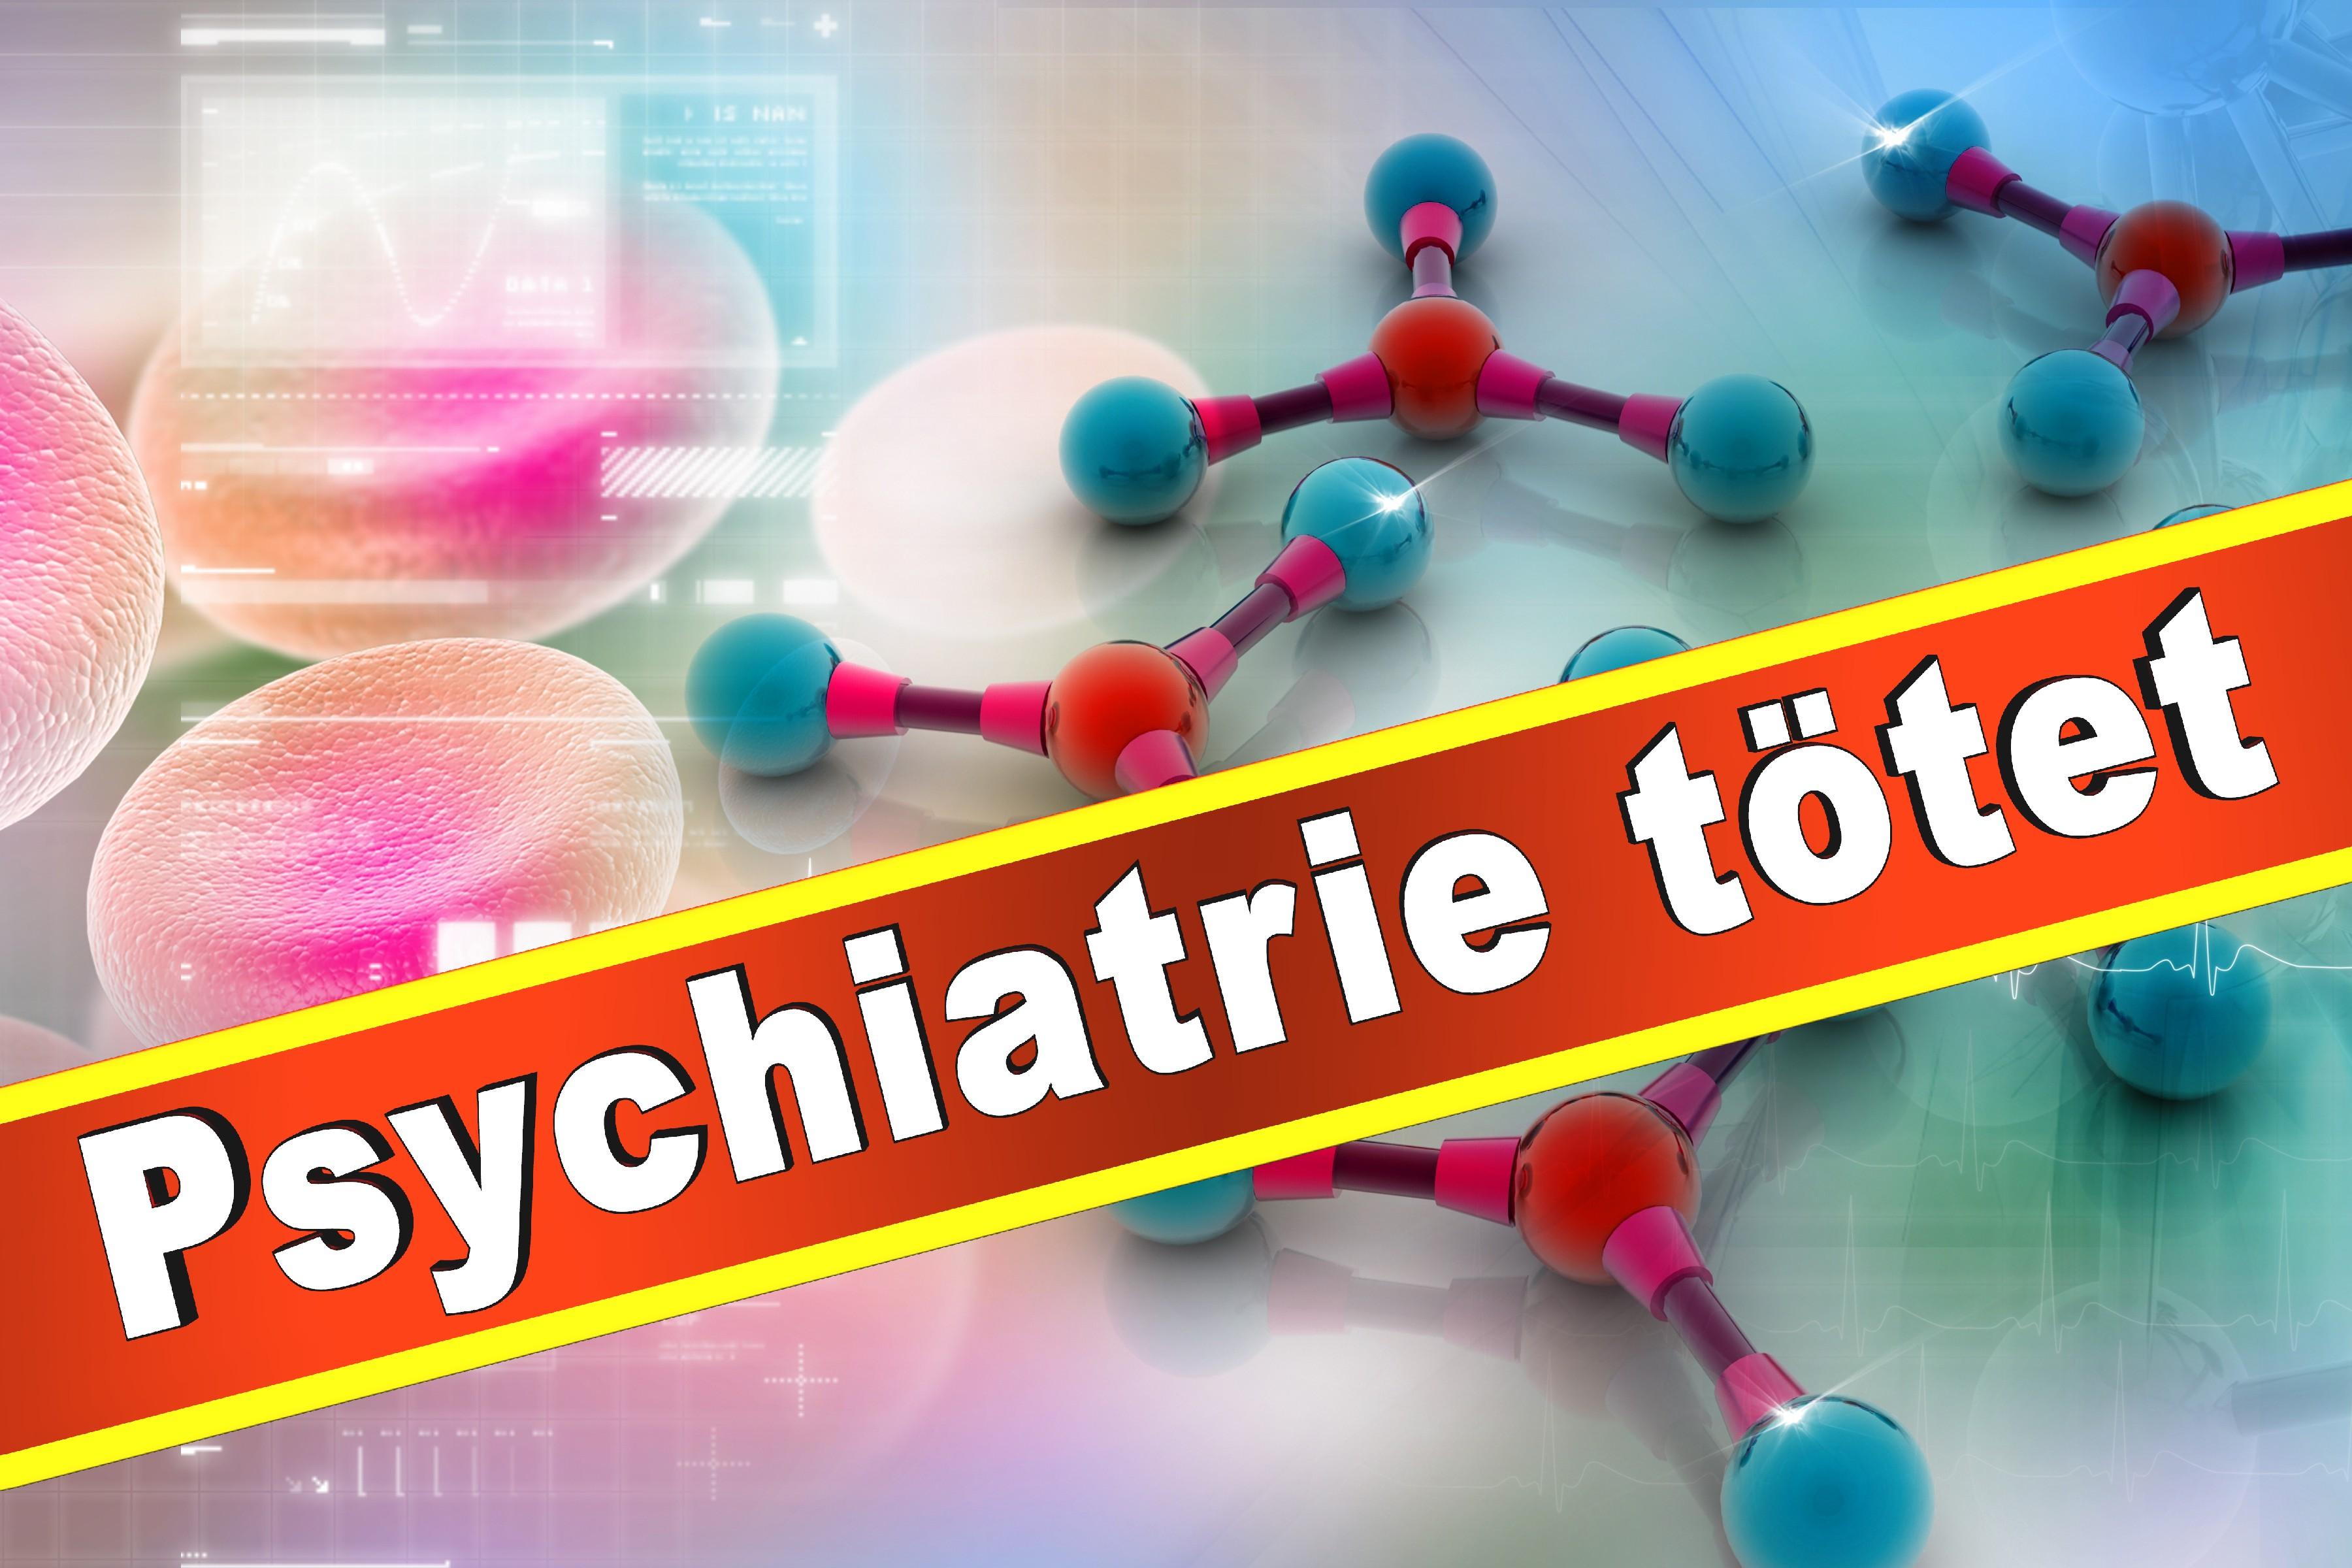 Wielant Machleidt Psychiater Psychotherapeut Professor Praxis Der Interkulturellen Psychiatrie Und Psychotherapie (2)